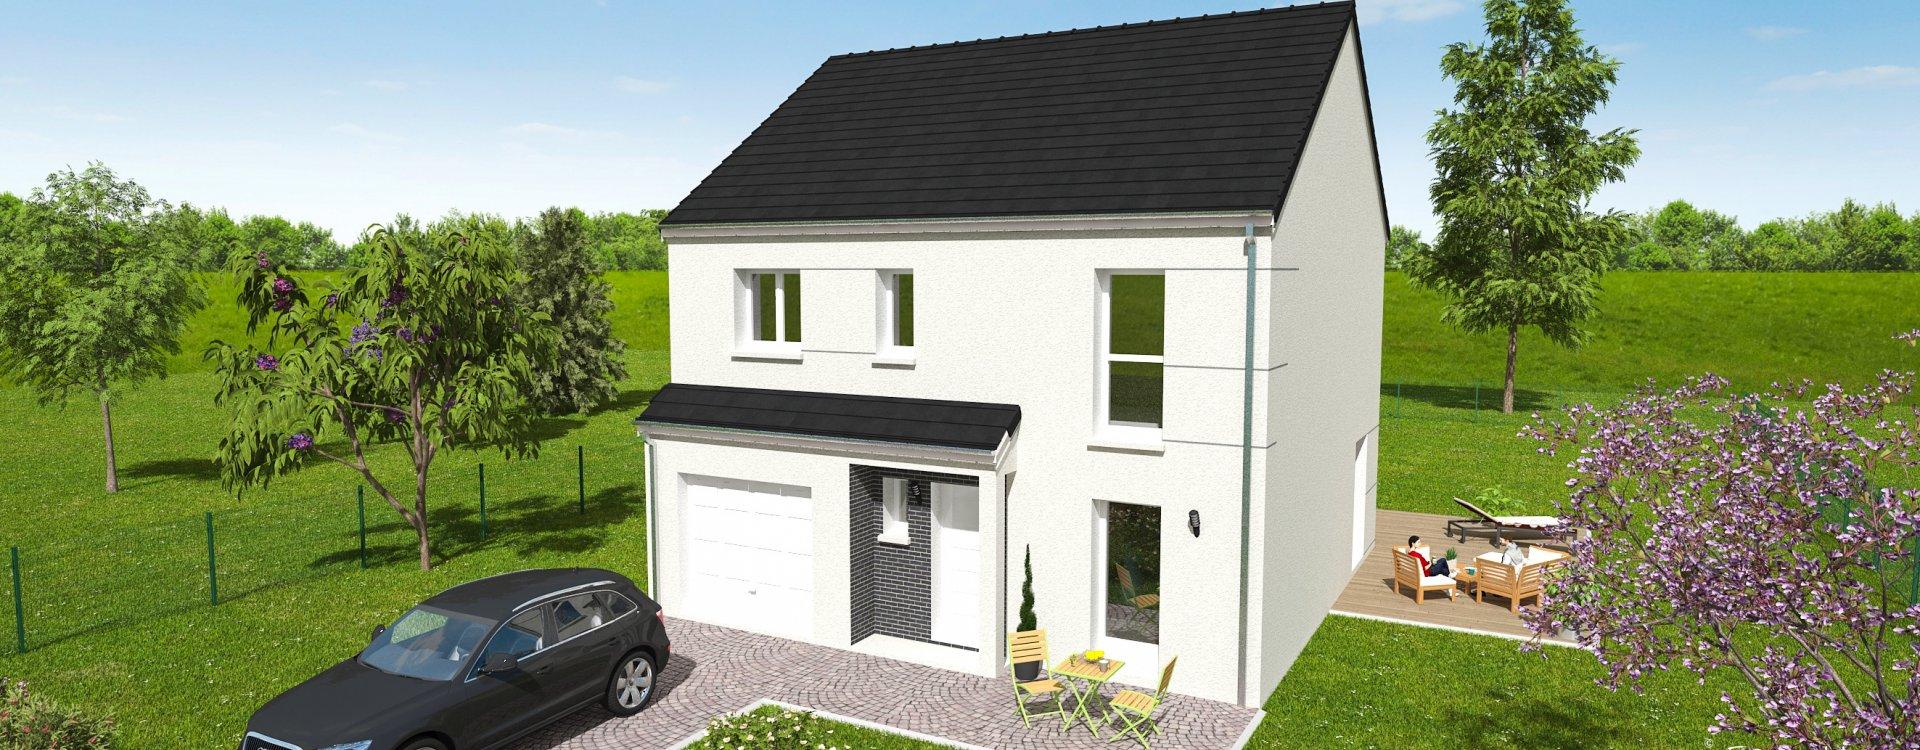 Maisons + Terrains du constructeur EASY HOUSE • 114 m² • DONNERY